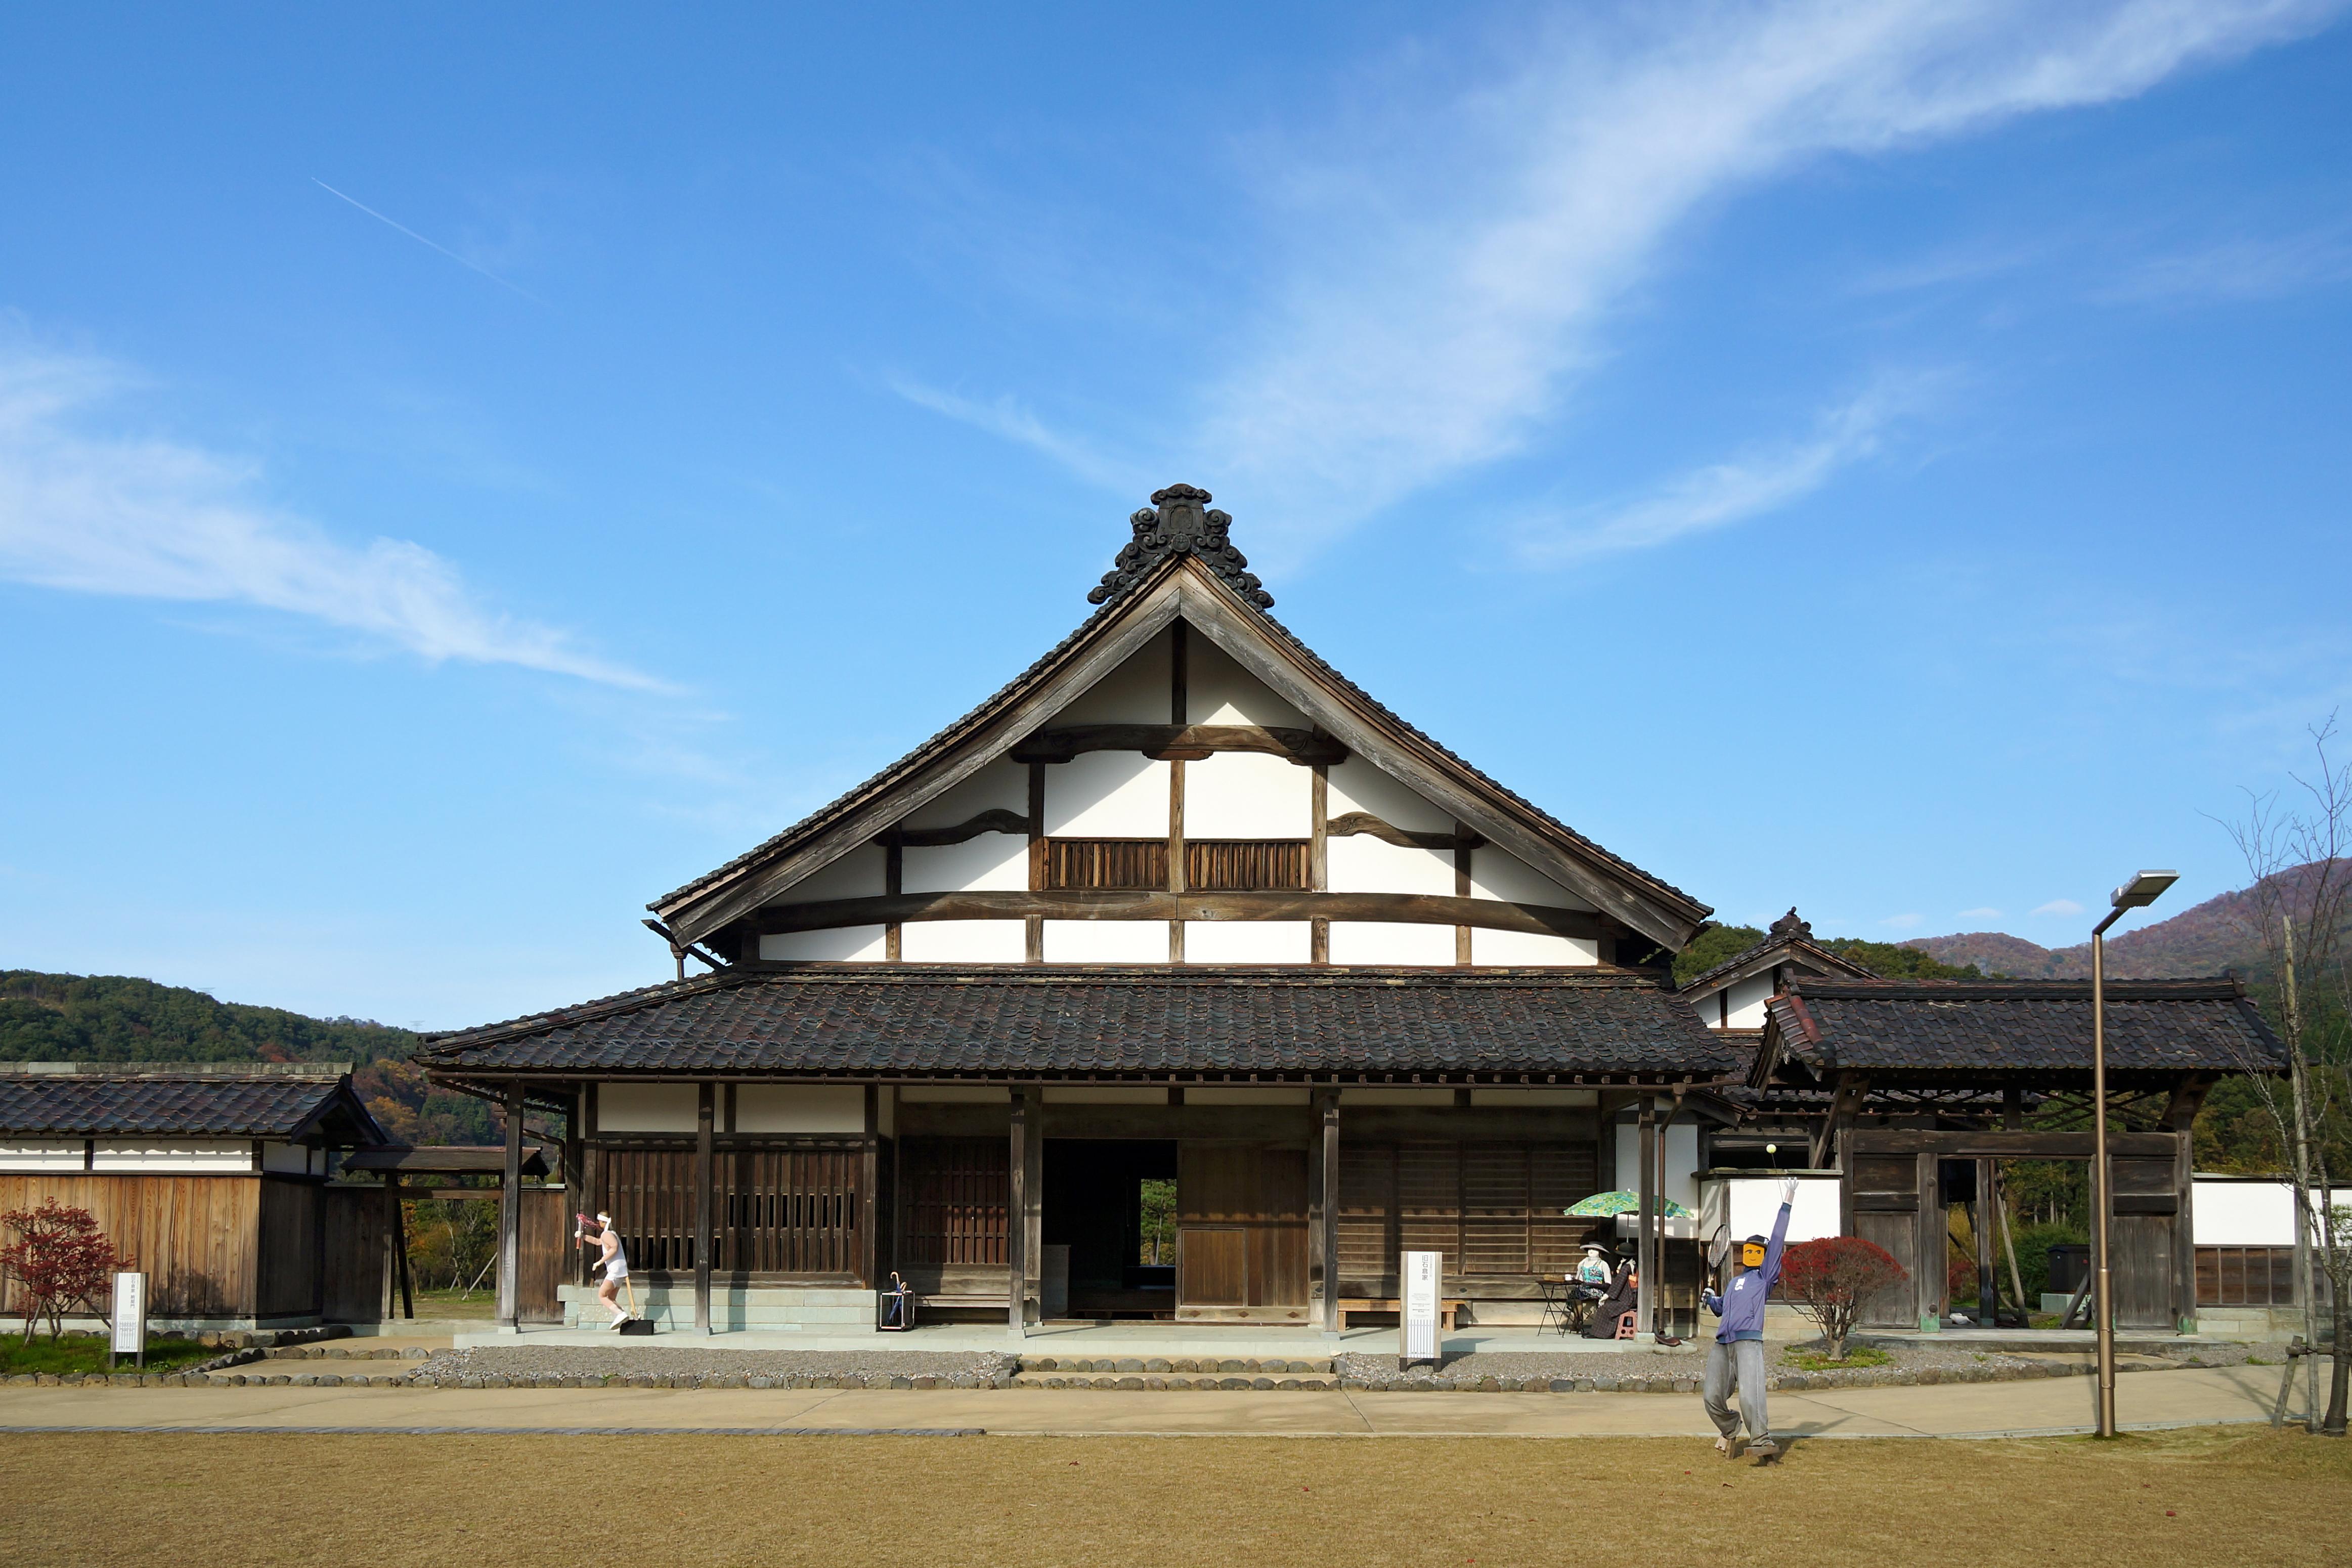 131109 Kanazawa Yuwaku Edomura Kanazawa Ishikawa pref Japan08bs9.jpg